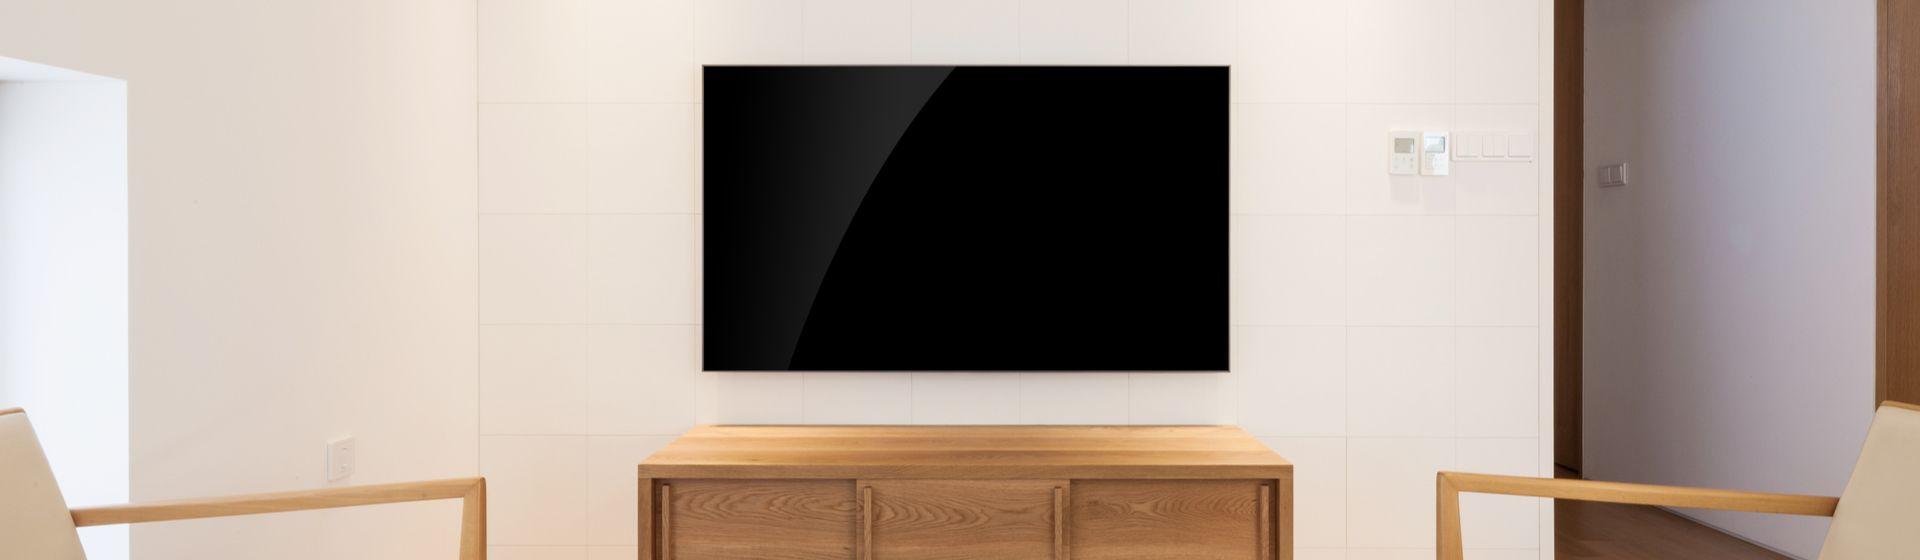 Melhor TV 65 polegadas: veja os modelos 4K e 8K